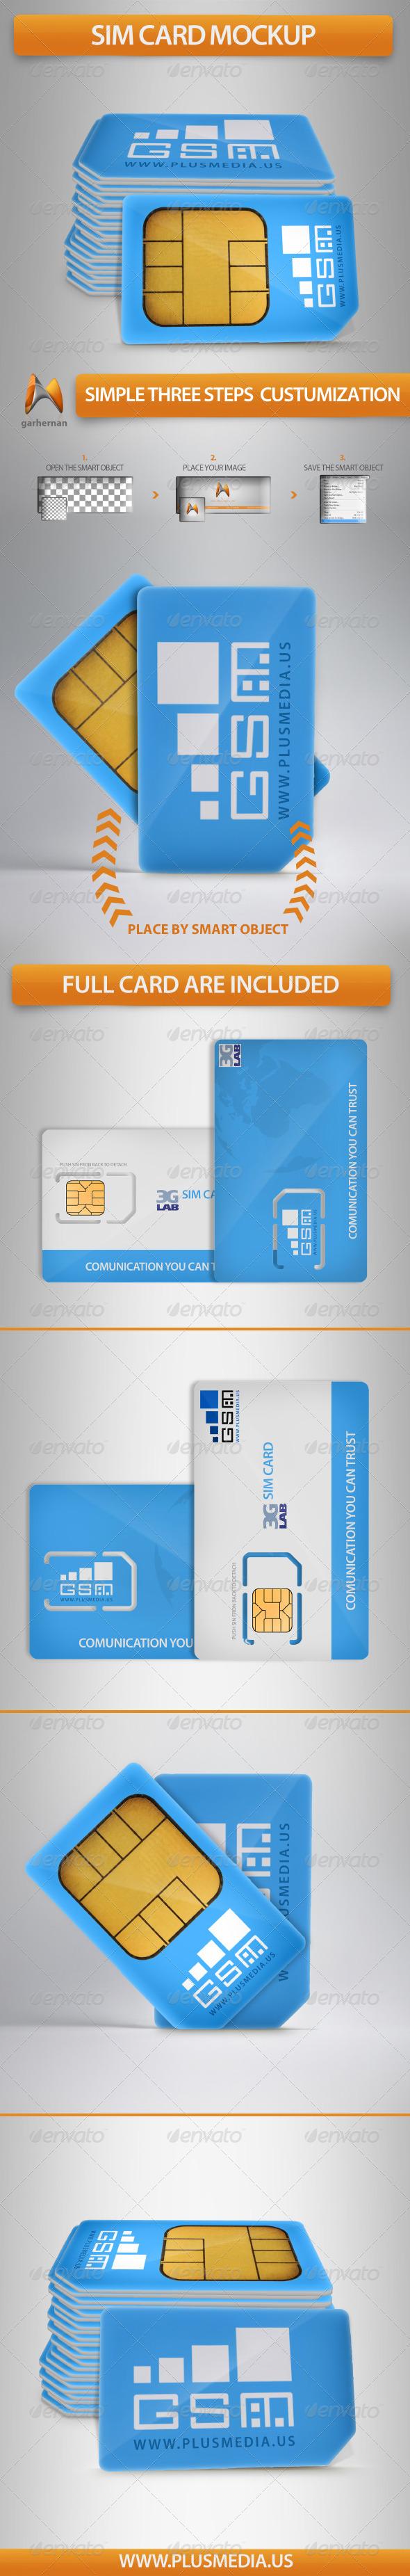 GraphicRiver Sim Card Mockup 6342243